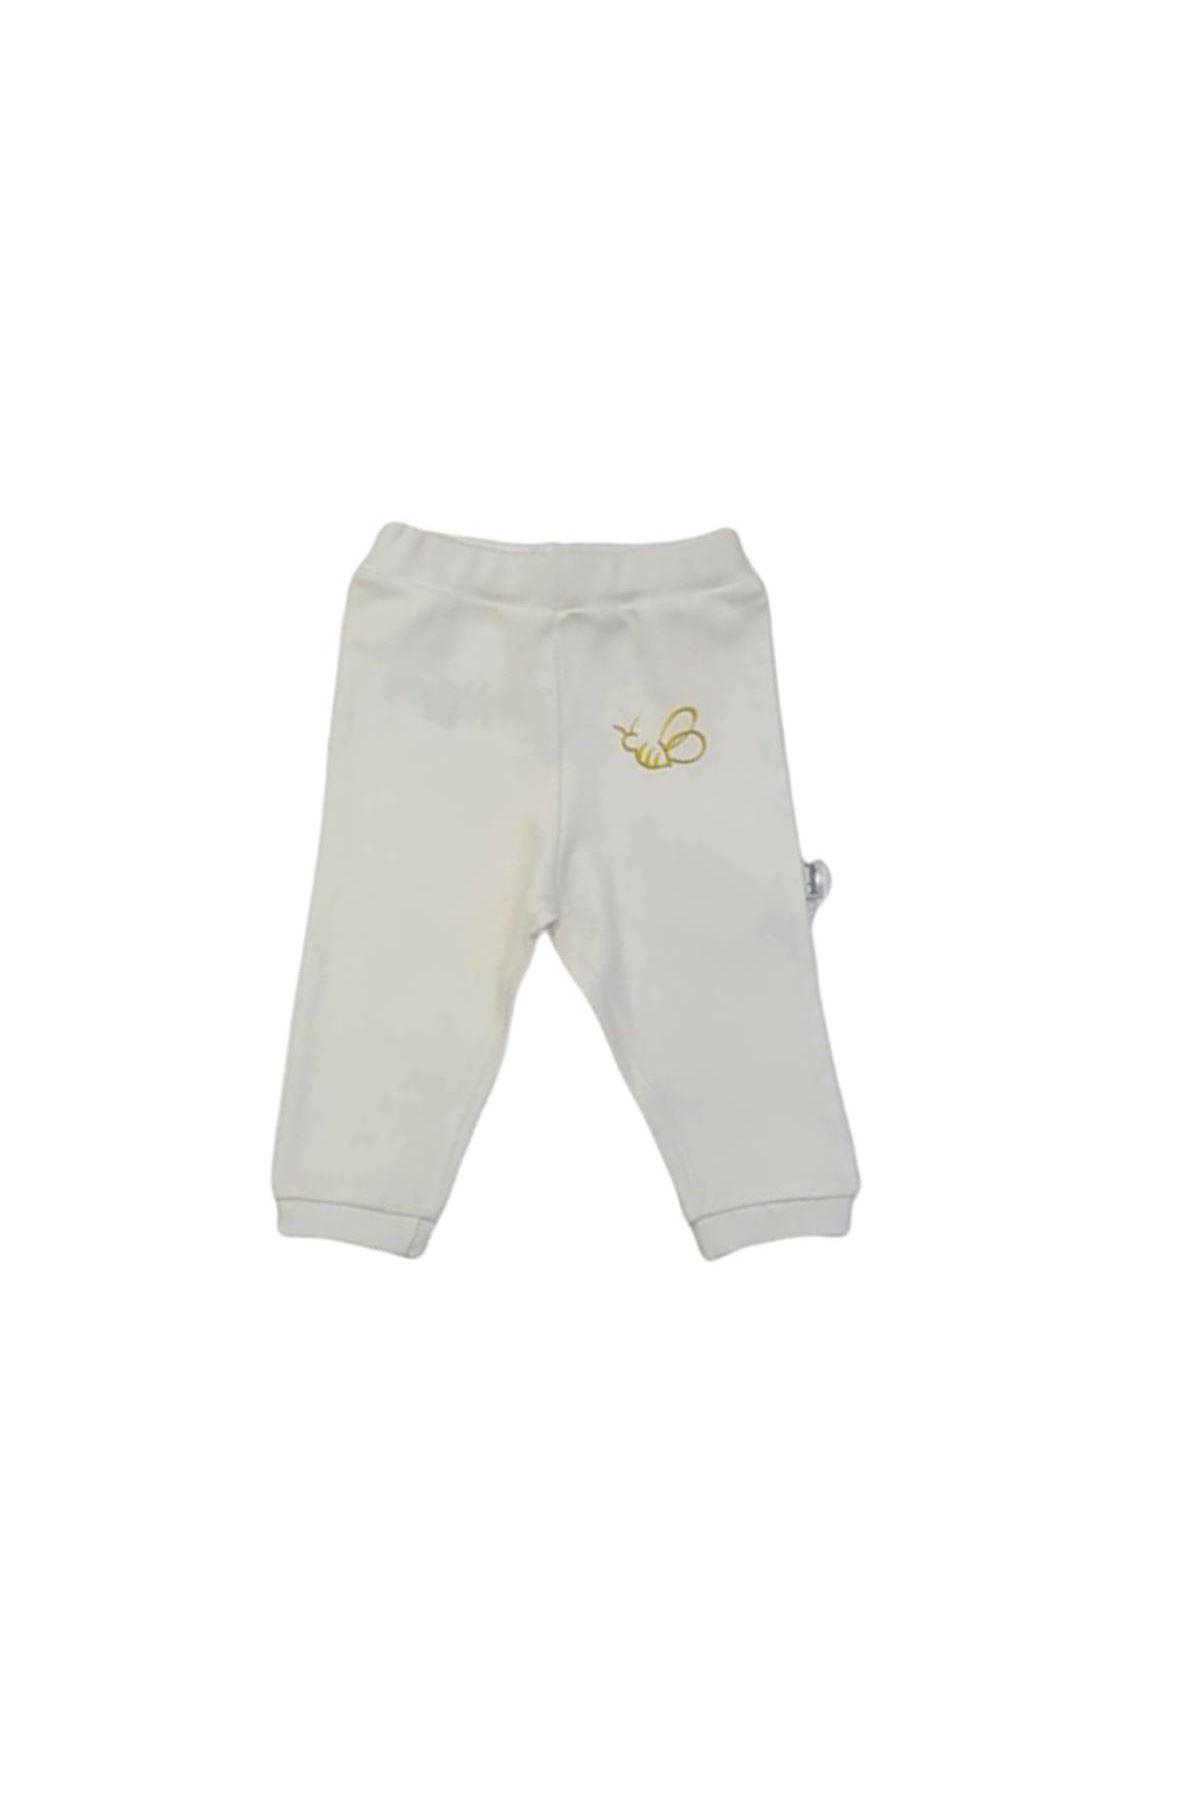 Bebengo Basıc Arılı Patiksiz Tek Alt Pantolon 4012 Beyaz